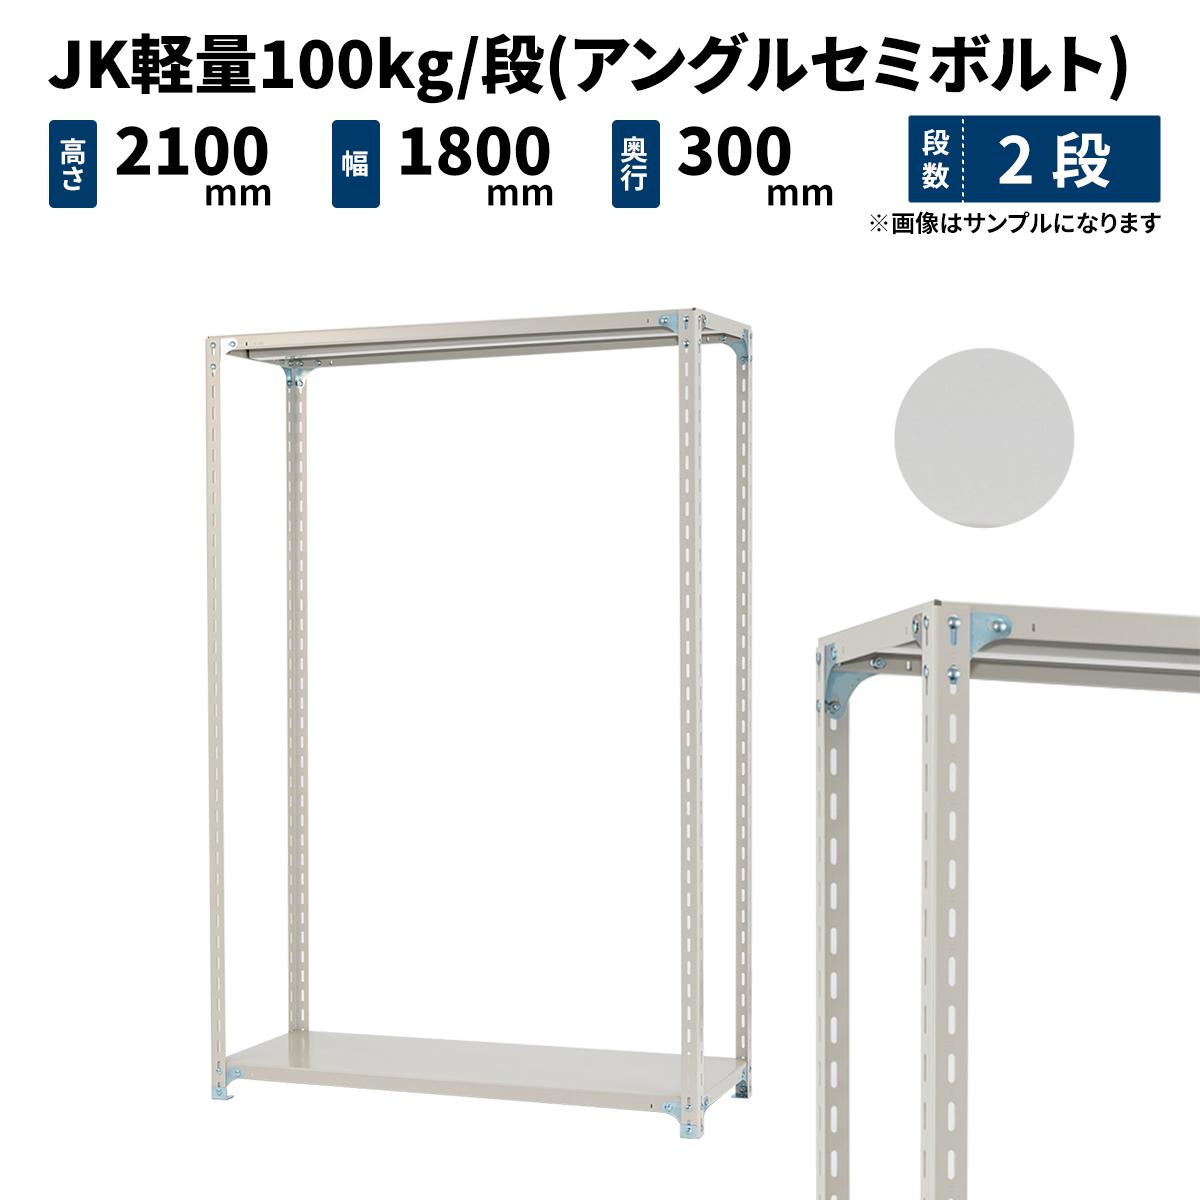 スチールラック 業務用 JK軽量100kg/段(アングルセミボルト) 高さ2100×幅1800×奥行300mm 2段 ホワイトグレー (25kg) JK100ST-211803-2